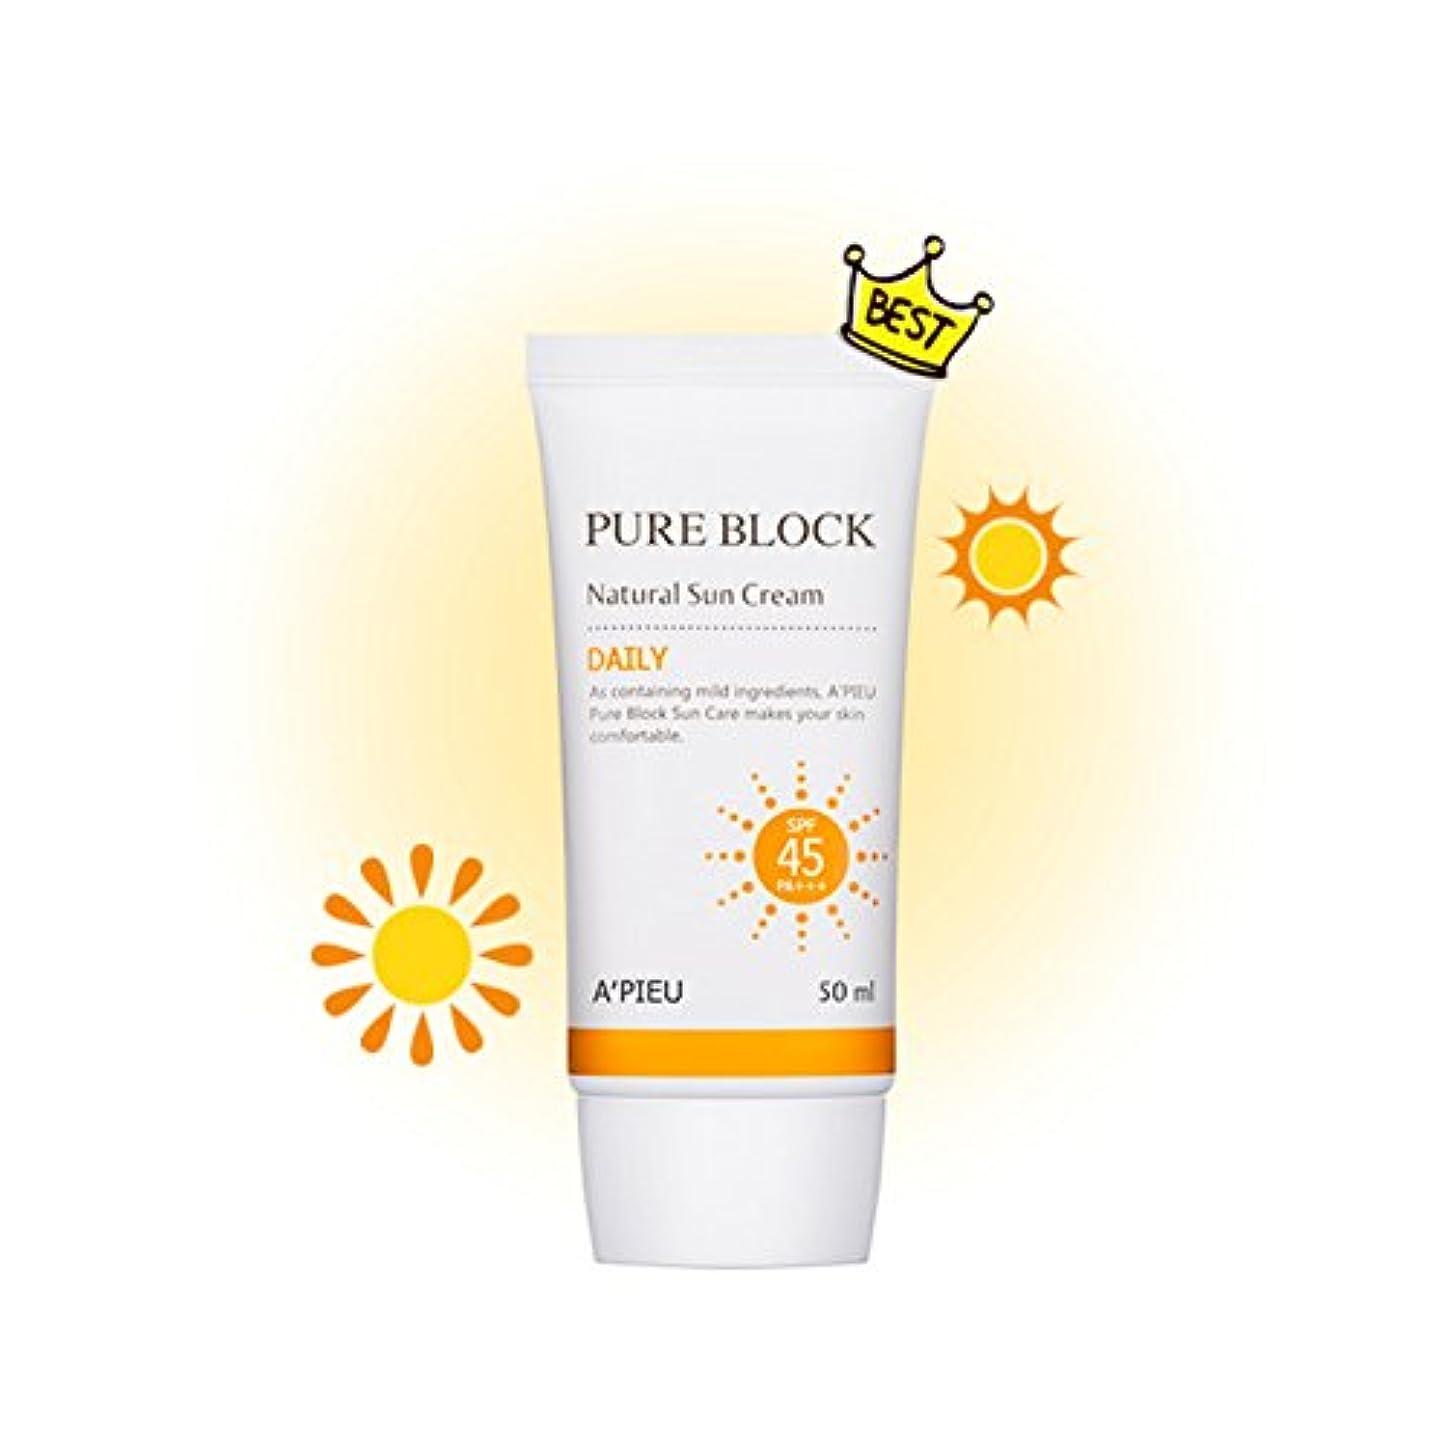 便宜舗装する以来[オピュ] A'PIEU ピュアブロックナチュラルデイリー日焼け止め Pure Block Natural Daily Sun Cream SPF 45 PA+++ [並行輸入品]